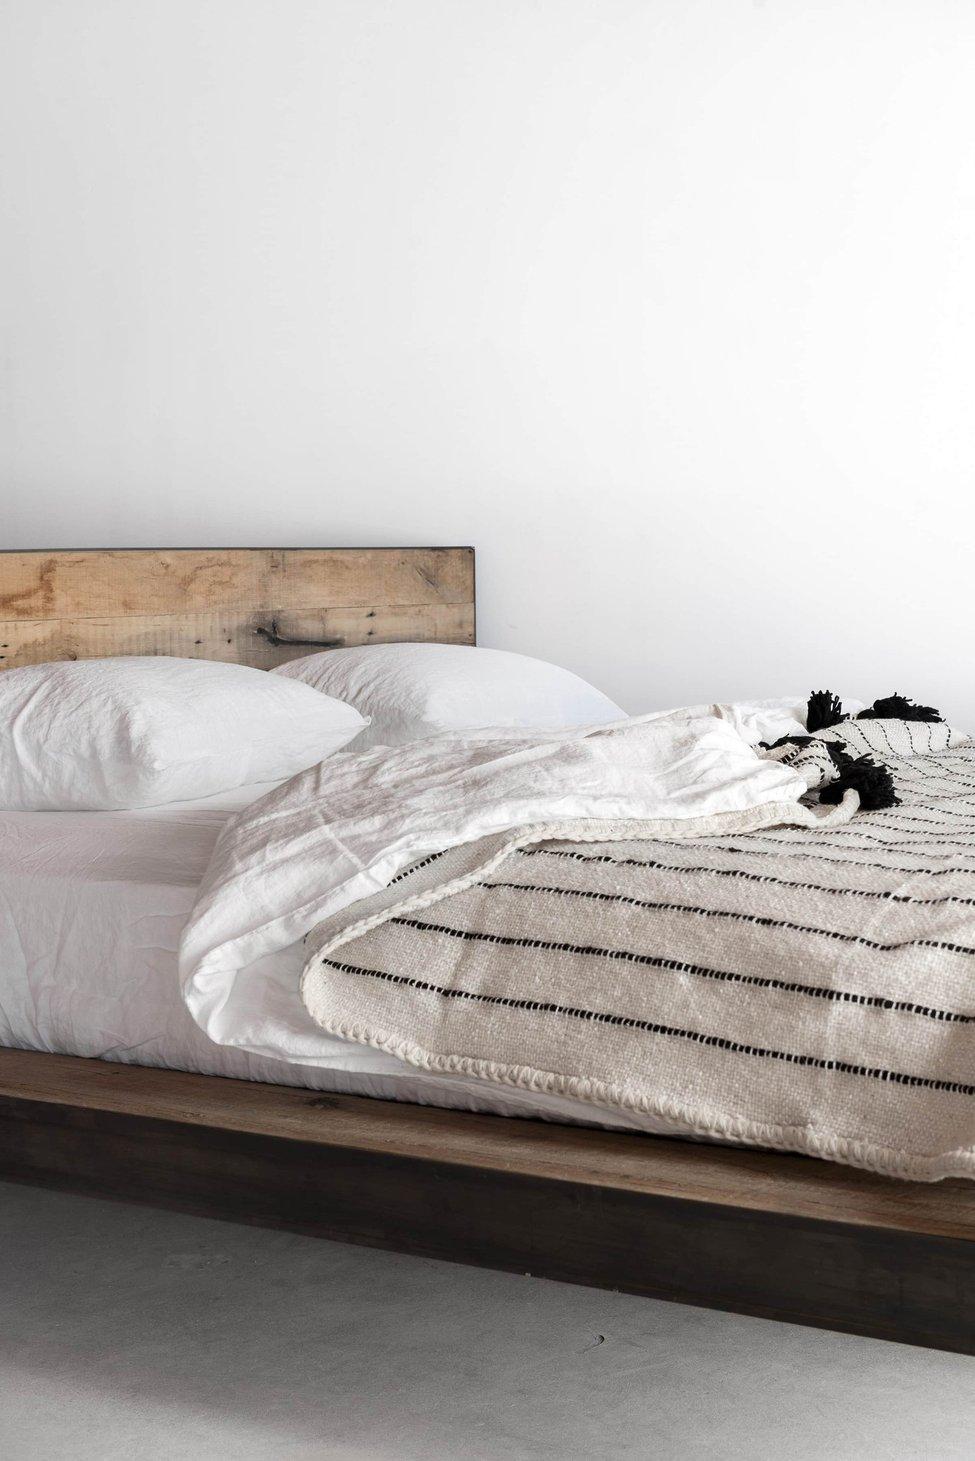 Mossam Platform Bed Wood platform bed, Bed, Platform bed